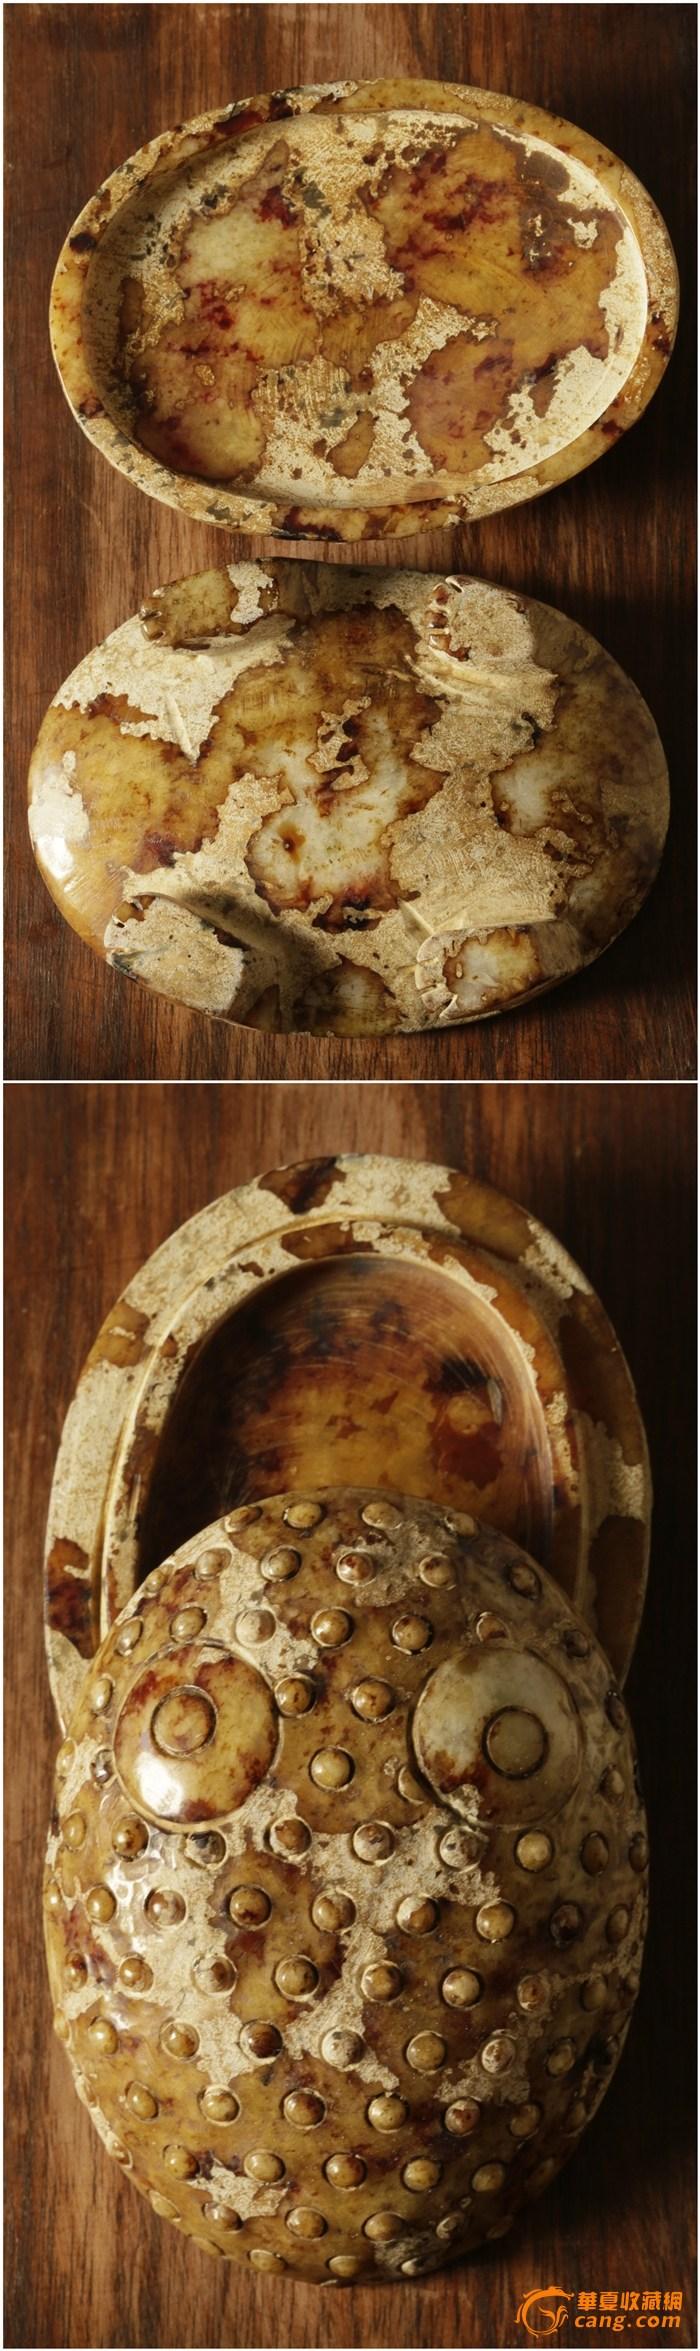 旺财风水用品 和田白玉籽料满沁 盖盒玉蟾,战汉出土古玉图3